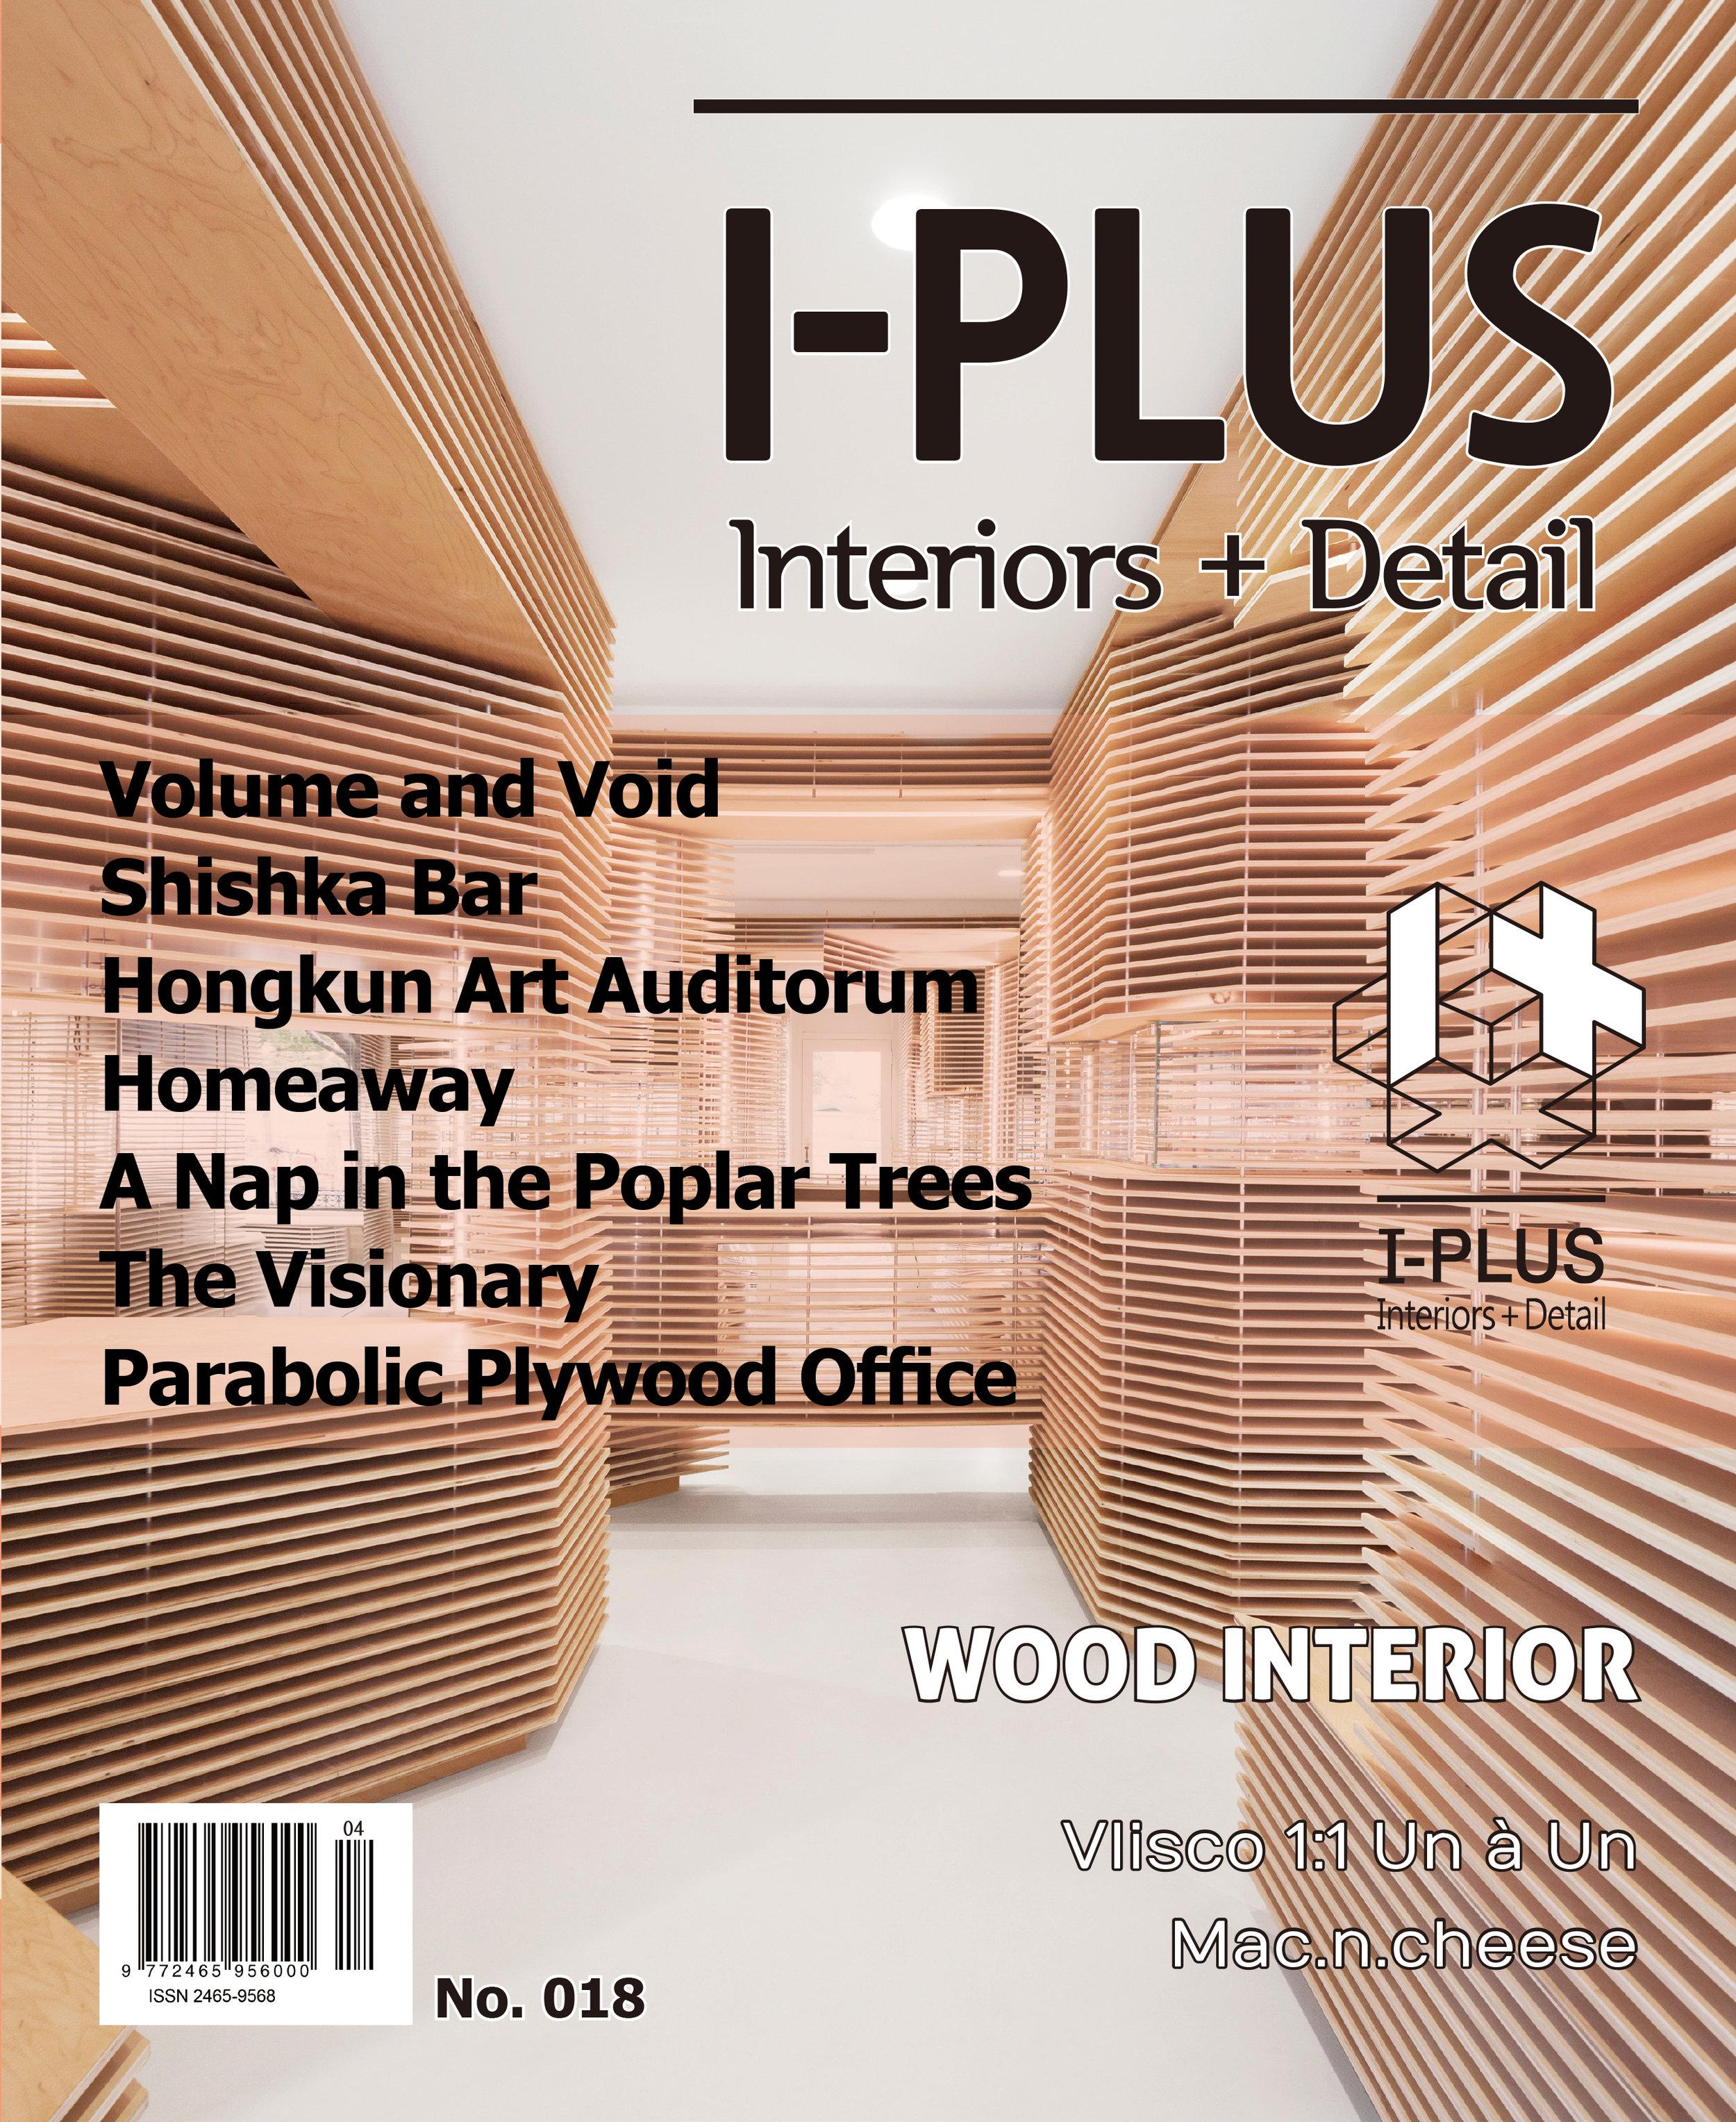 I PLUS (Korea) - Happy Valley Residence